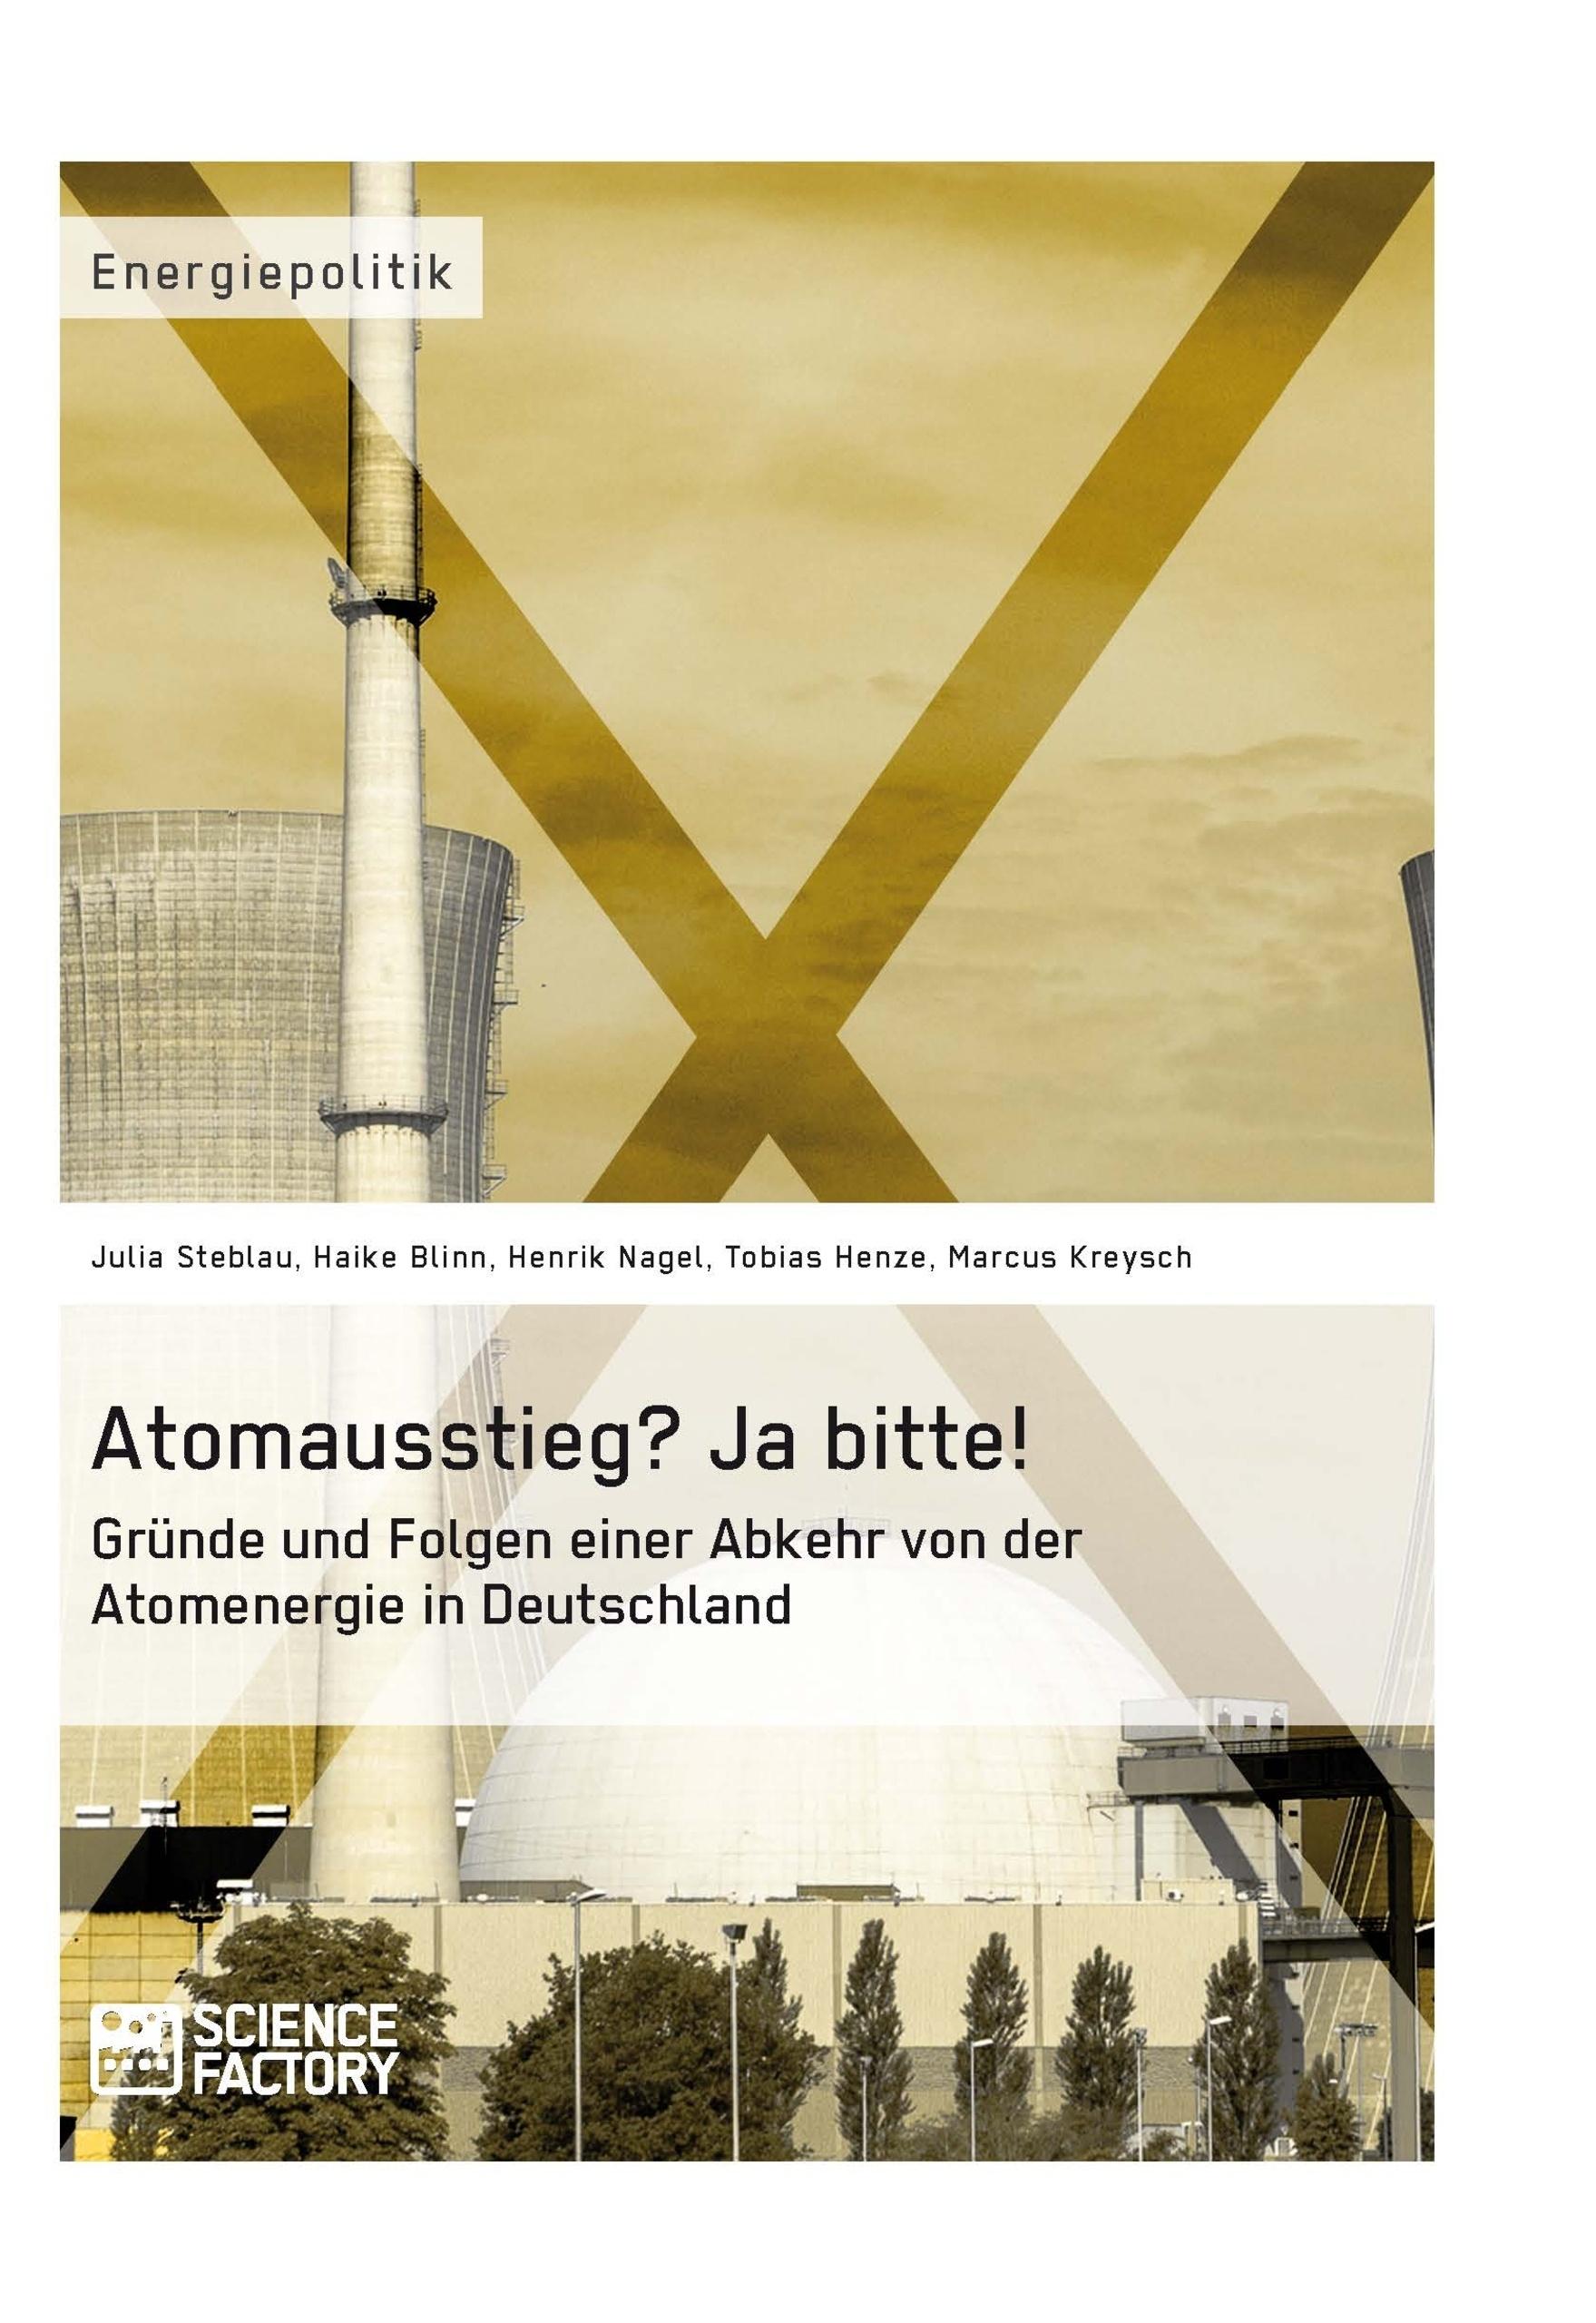 Titel: Atomausstieg? Ja bitte! Gründe und Folgen einer Abkehr von der Atomenergie in Deutschland